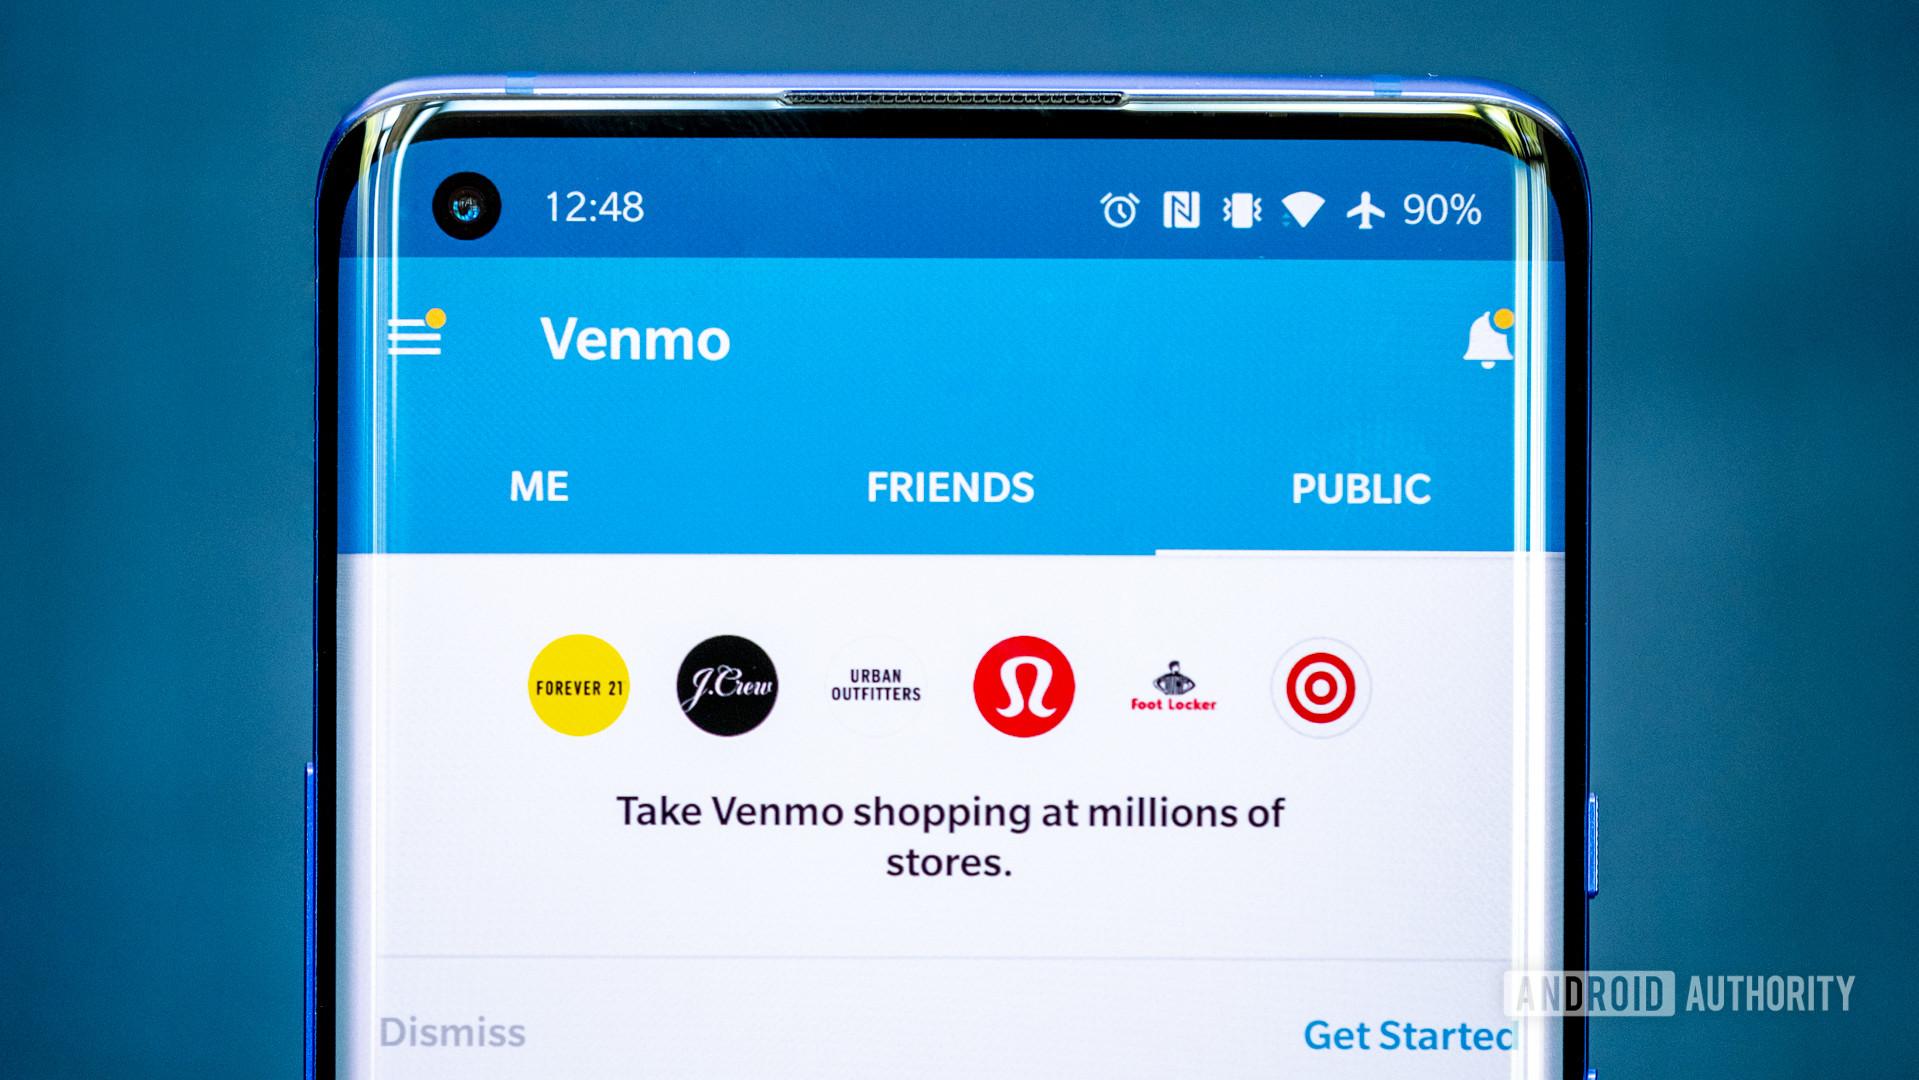 Venmo vs PayPal - Venmo app on phone